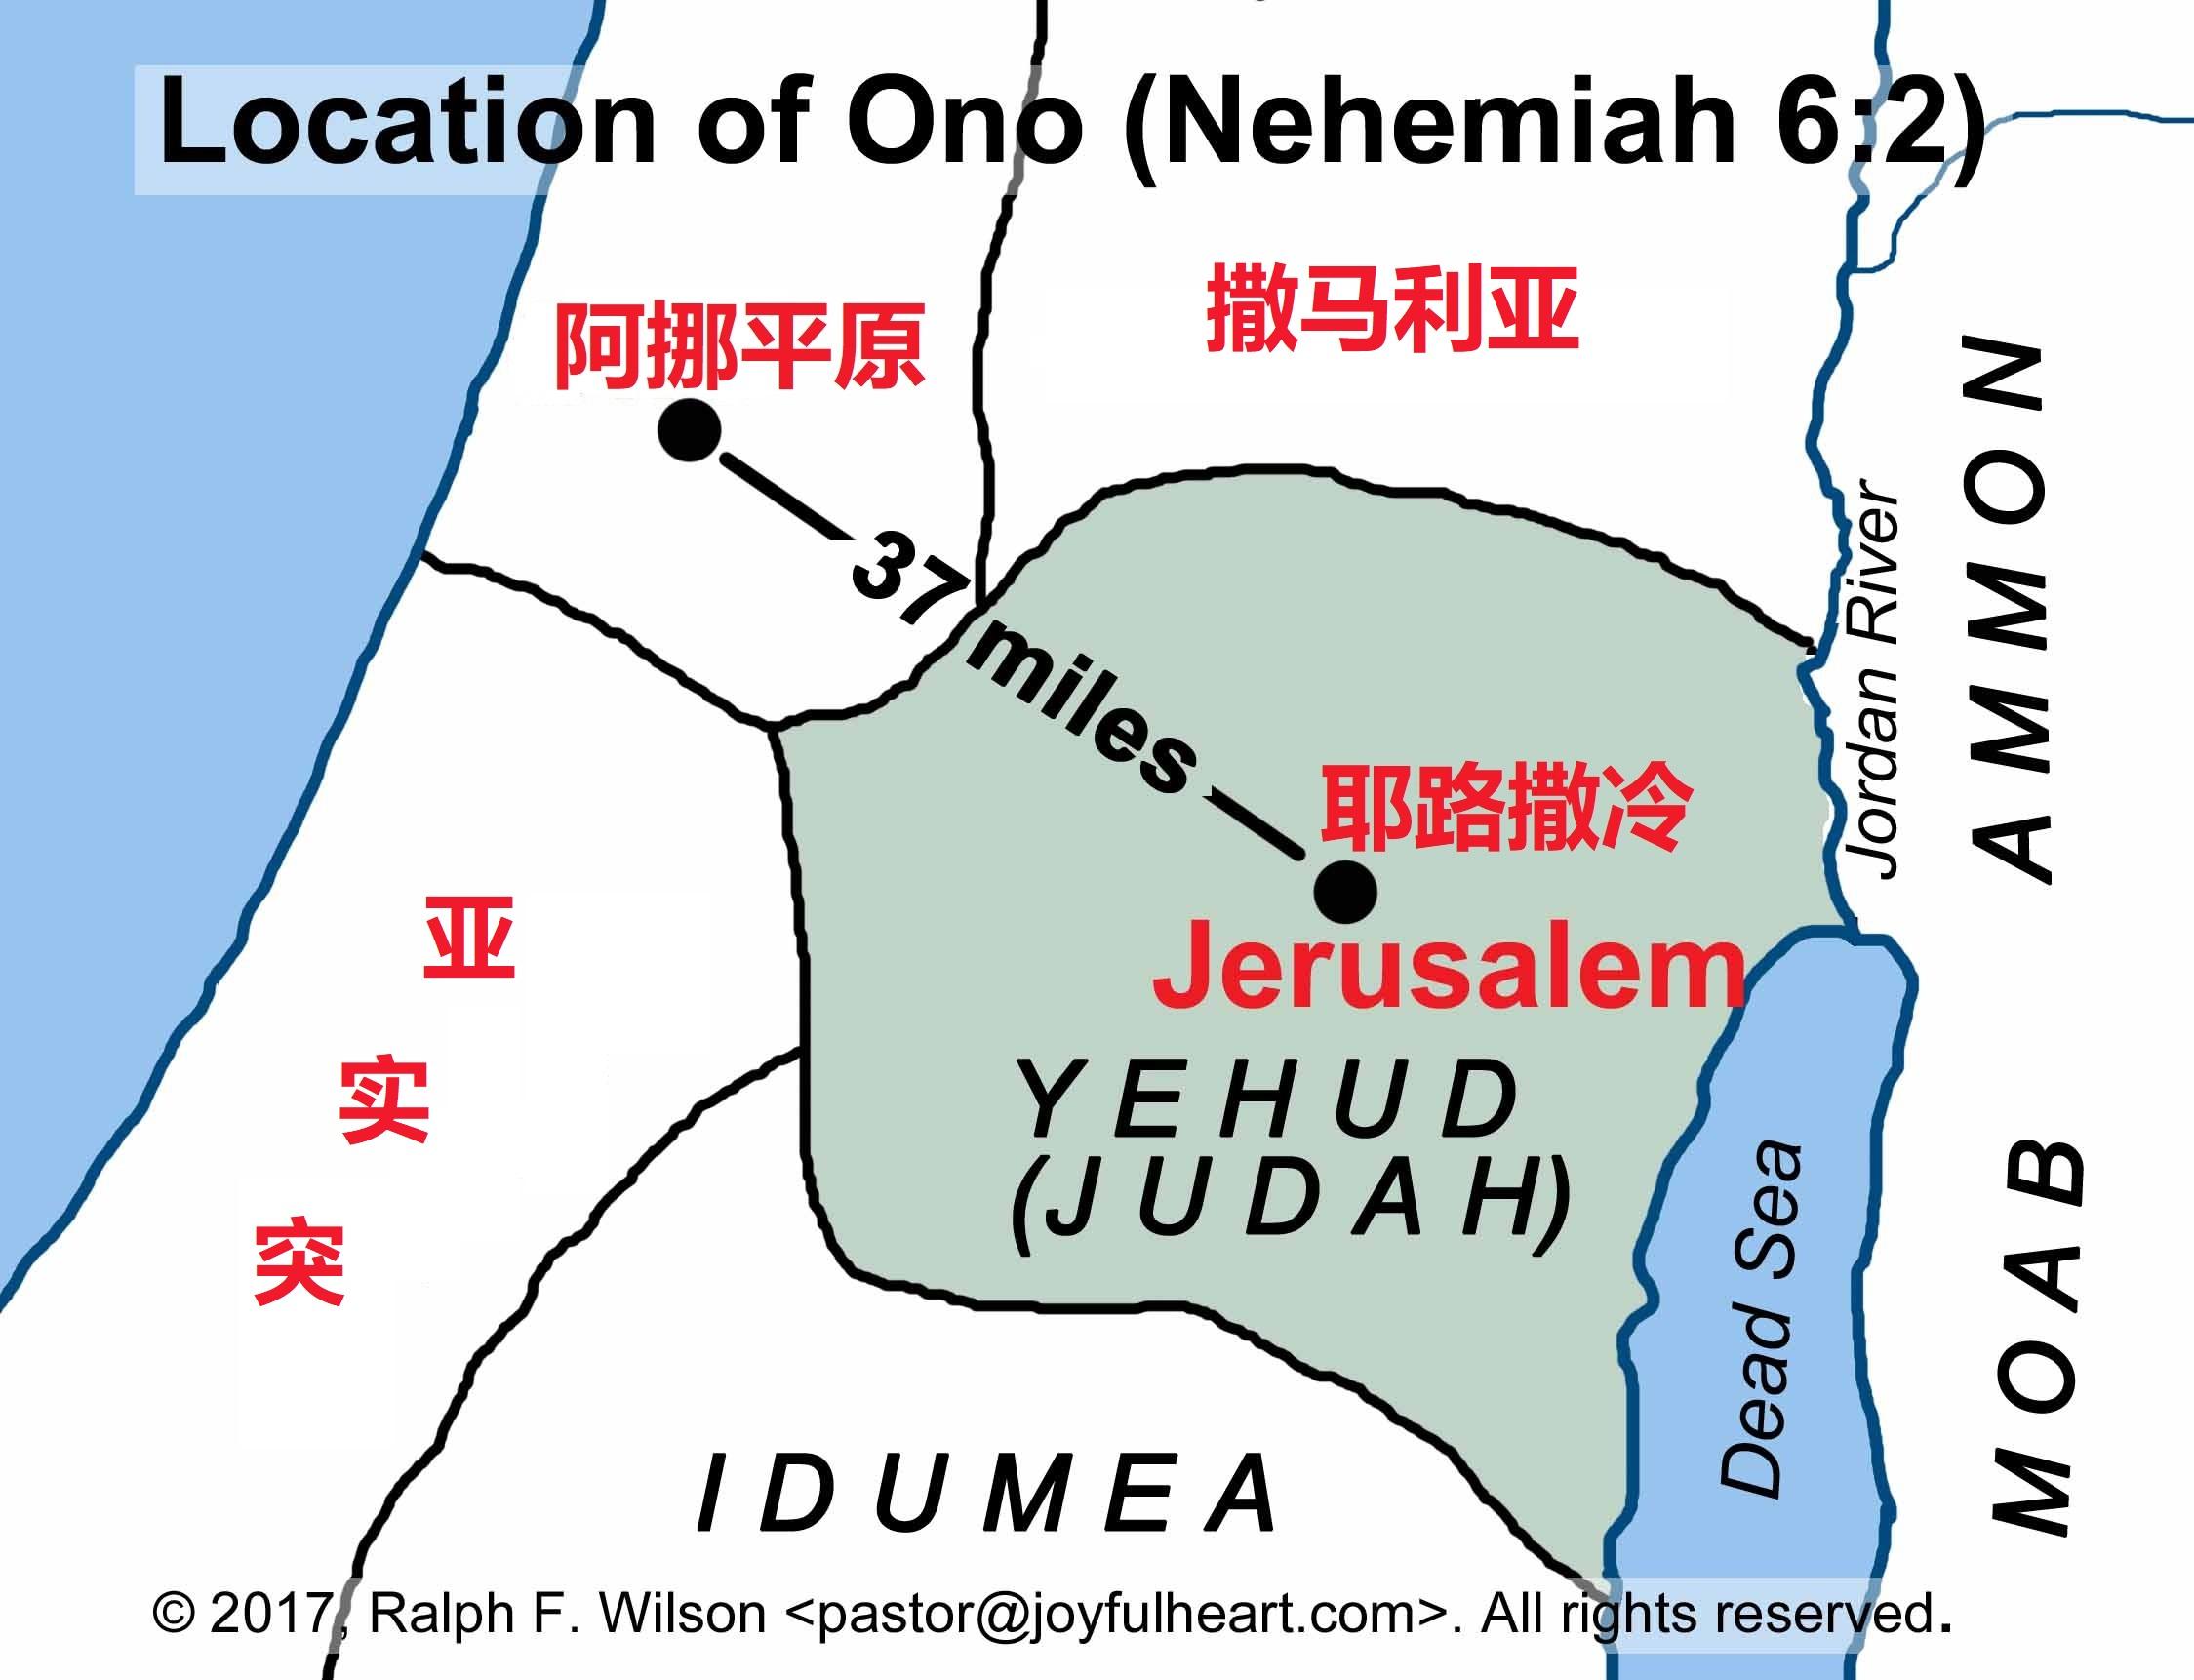 上图:阿挪平原的位置,离耶路撒冷有一天的路程。